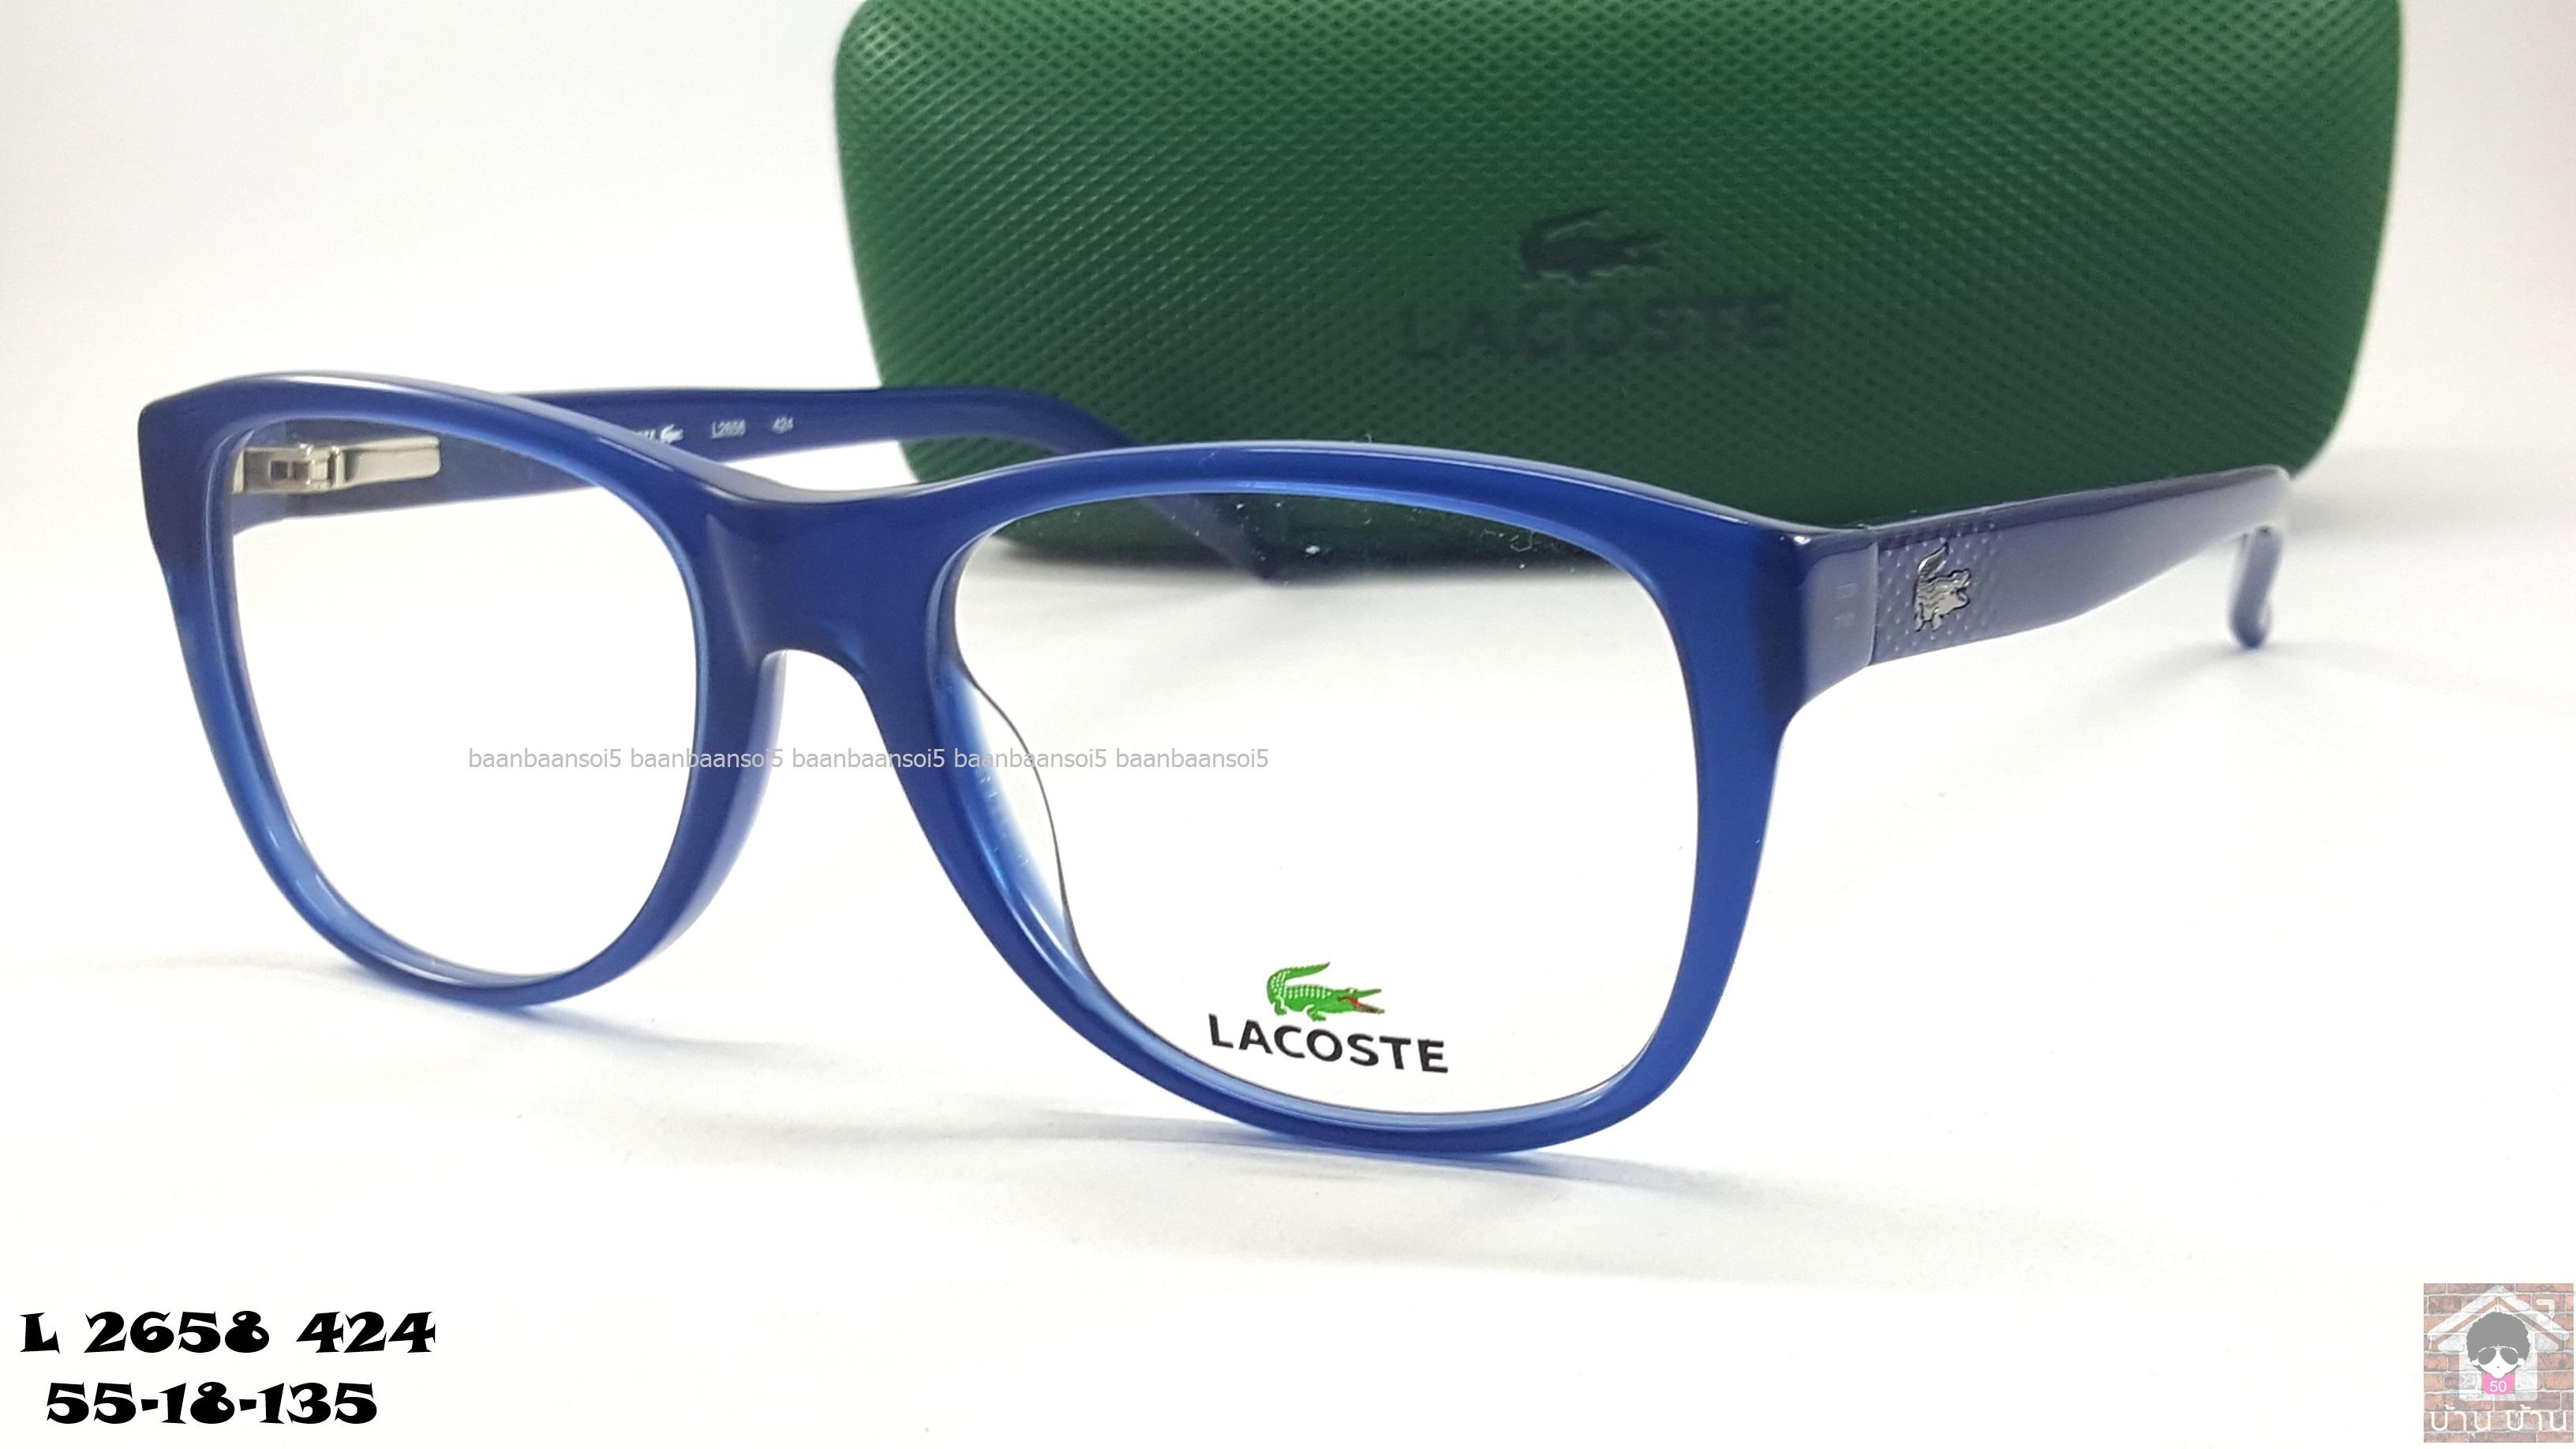 LACOSTE L2658 424 โปรโมชั่น กรอบแว่นตาพร้อมเลนส์ HOYA ราคา 3,900 บาท